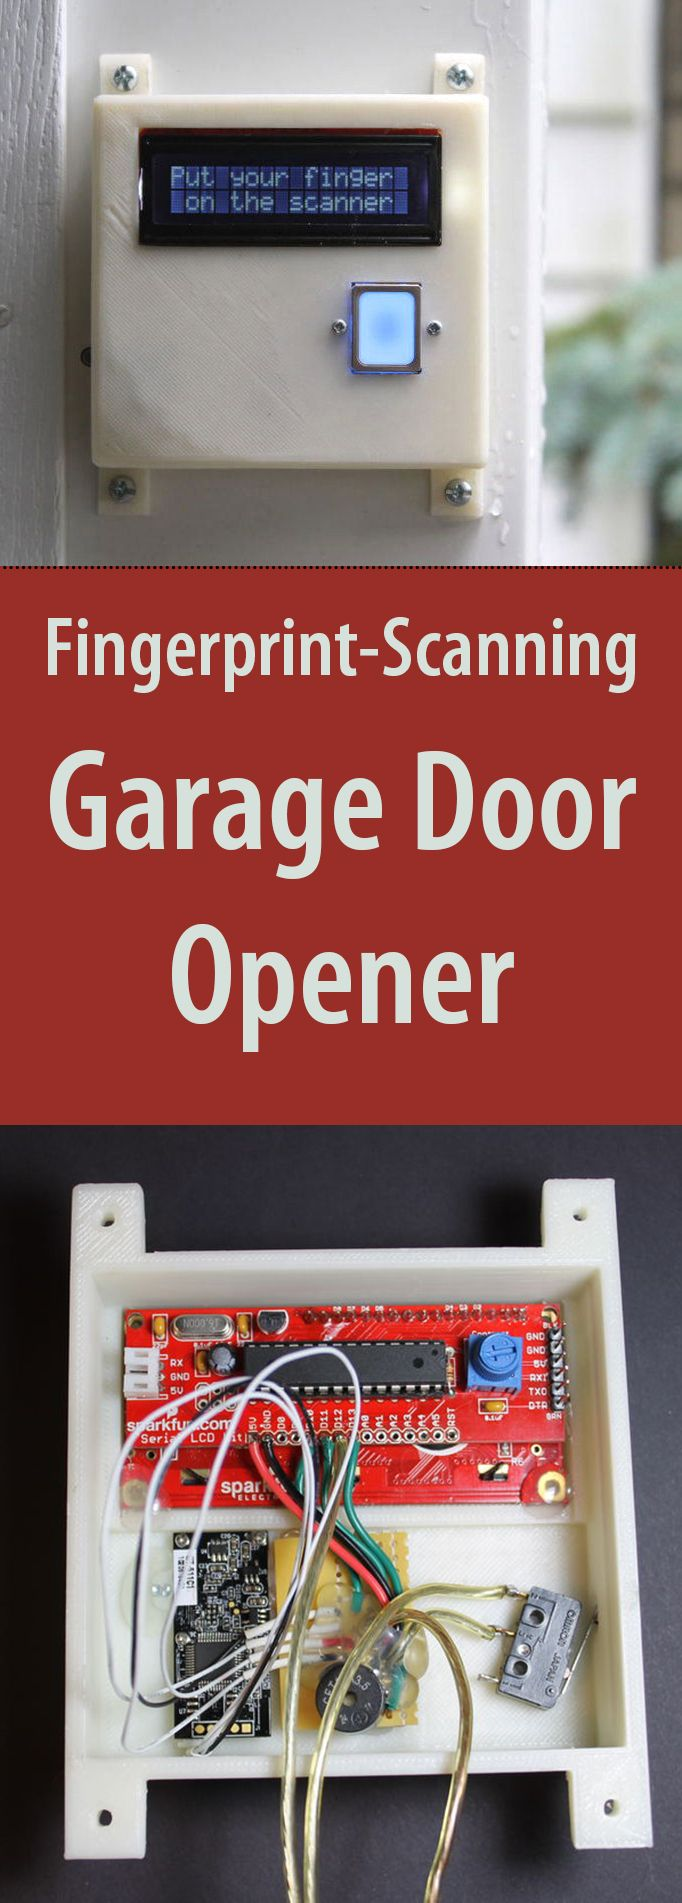 Diy Fingerprint Scanning Garage Door Opener Fingerprints